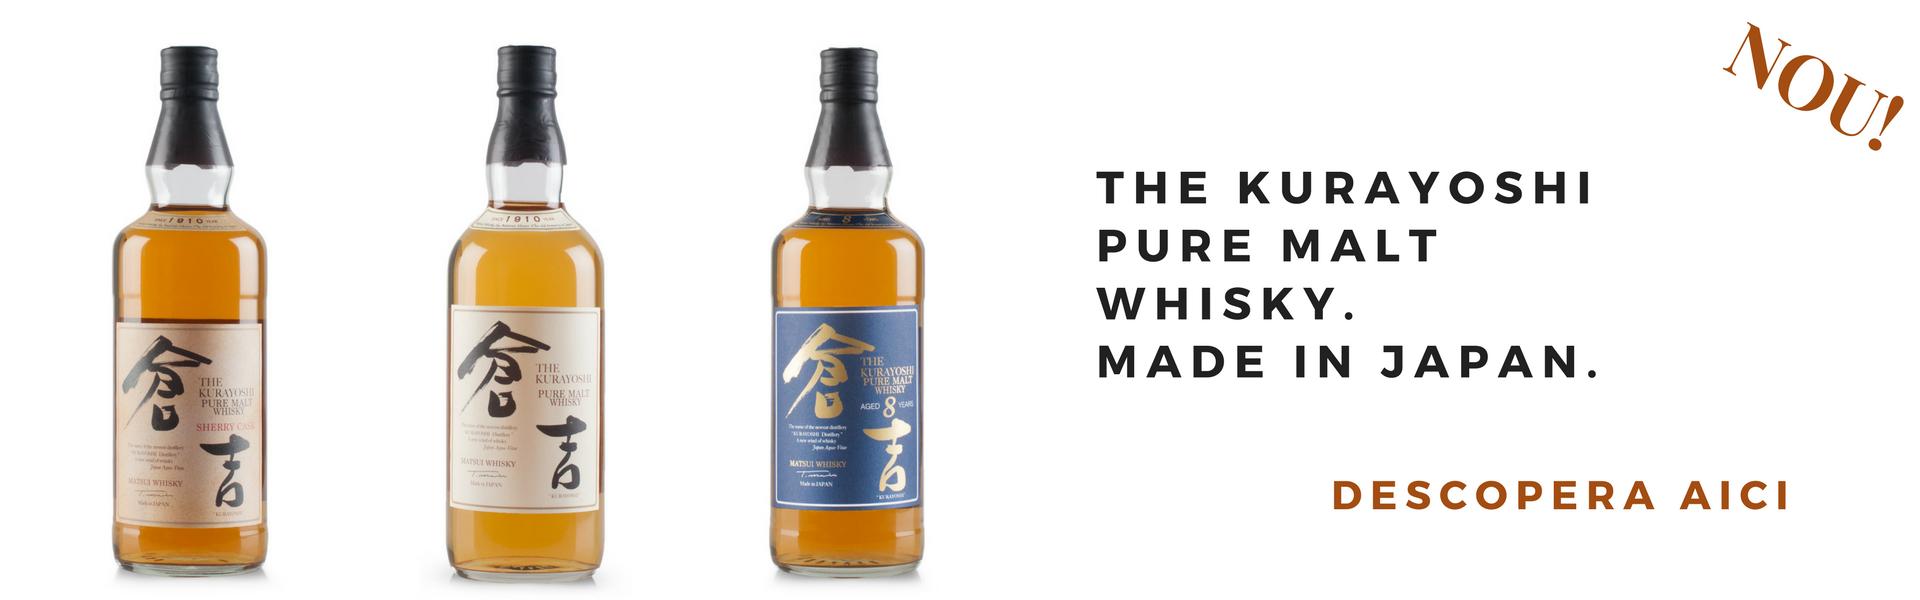 Kurayoshi Whisky